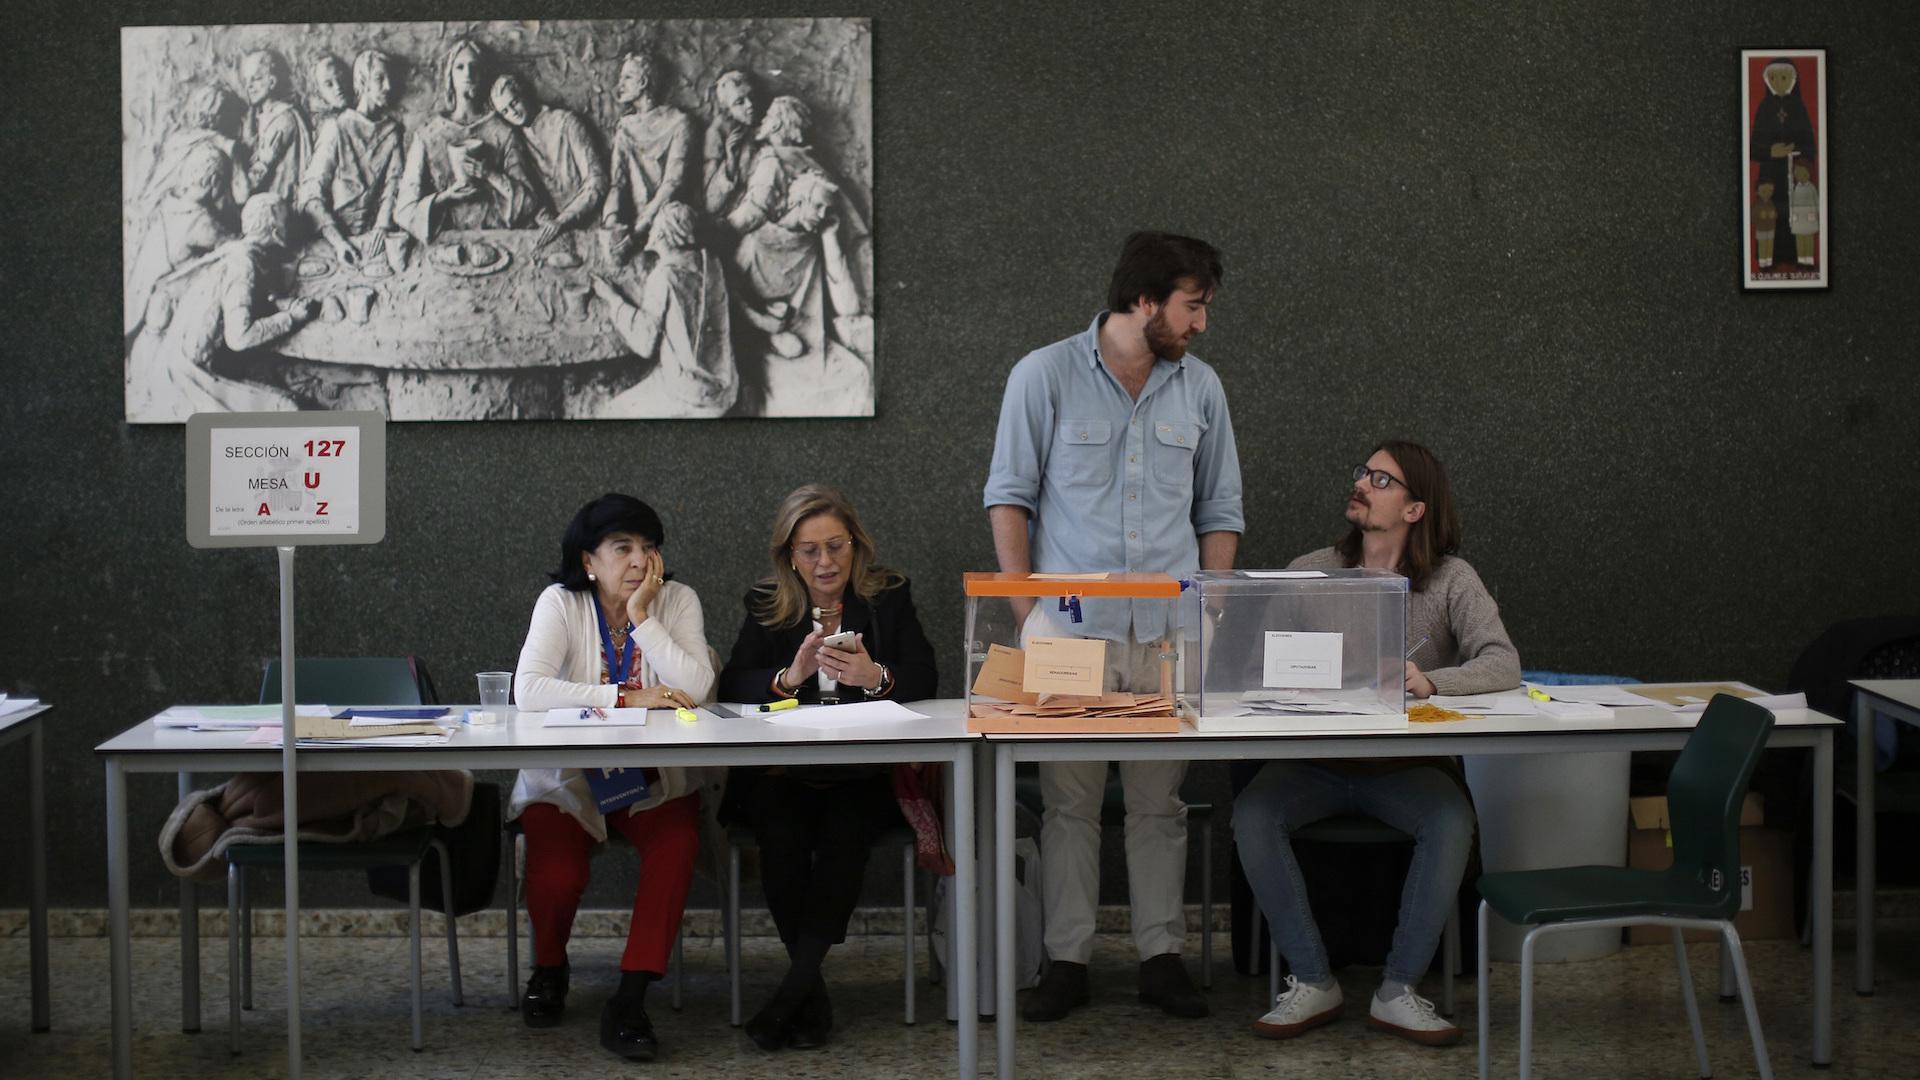 PSOE gana elecciones españolas sin alcanzar mayoría para gobernar